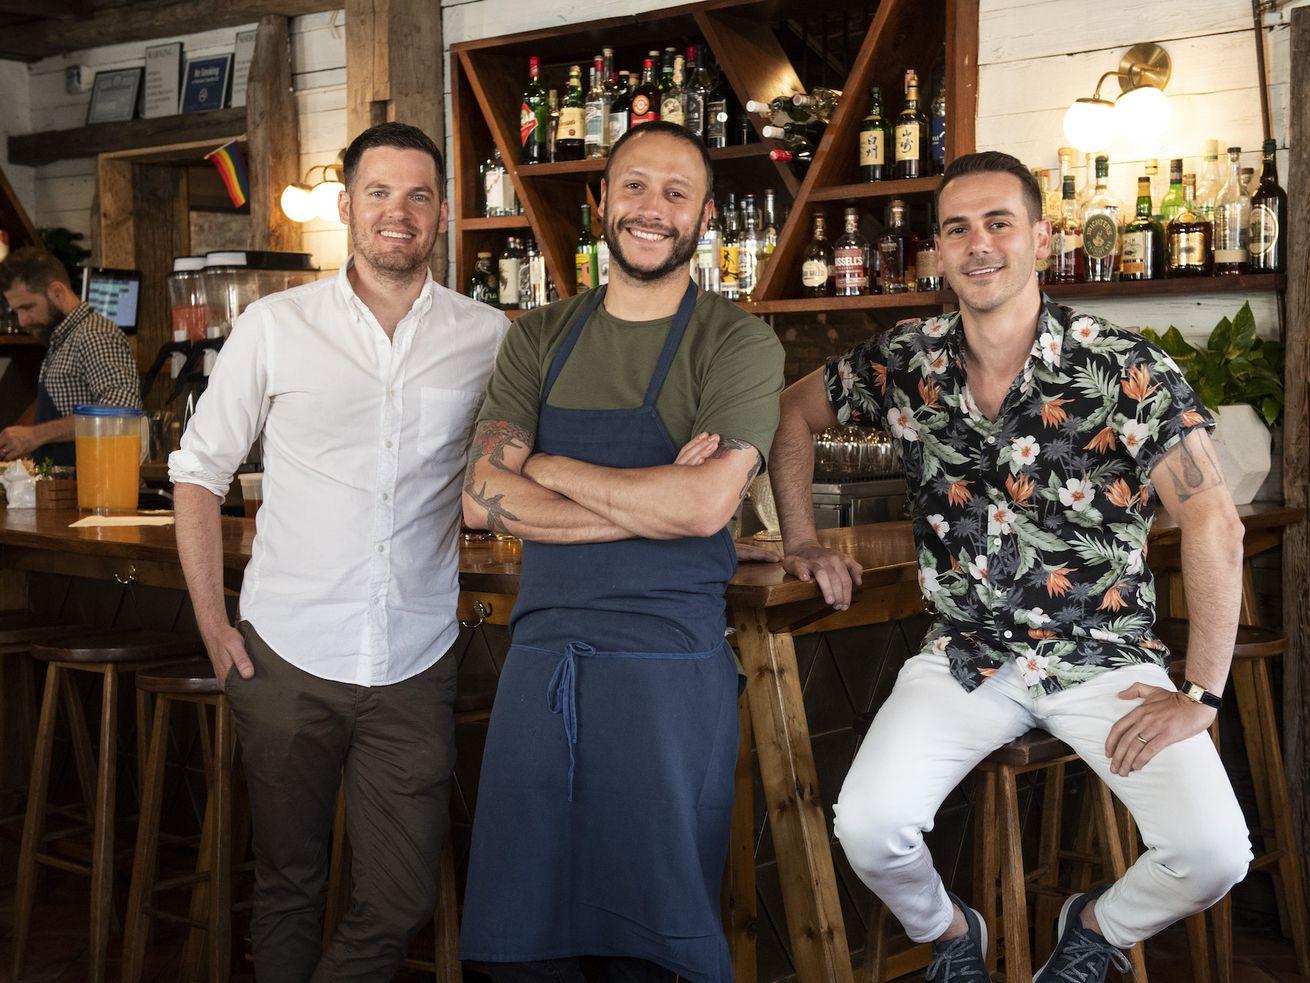 Sunday Hospitality's Jaime Young, Adam Landsman, Todd Enany